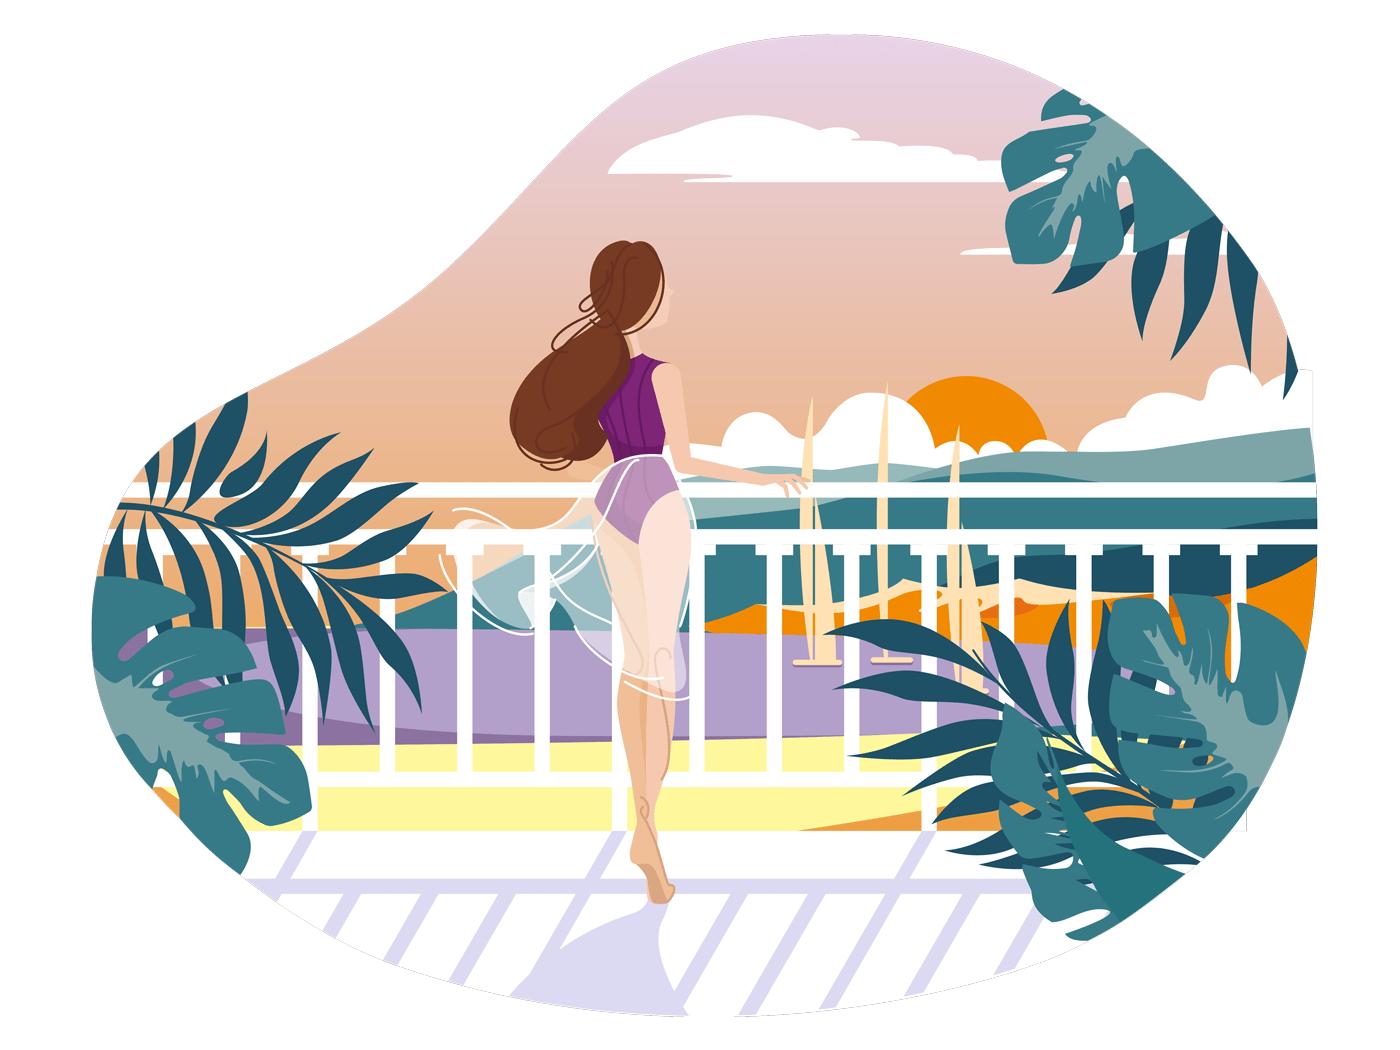 Girl on balcony waiting